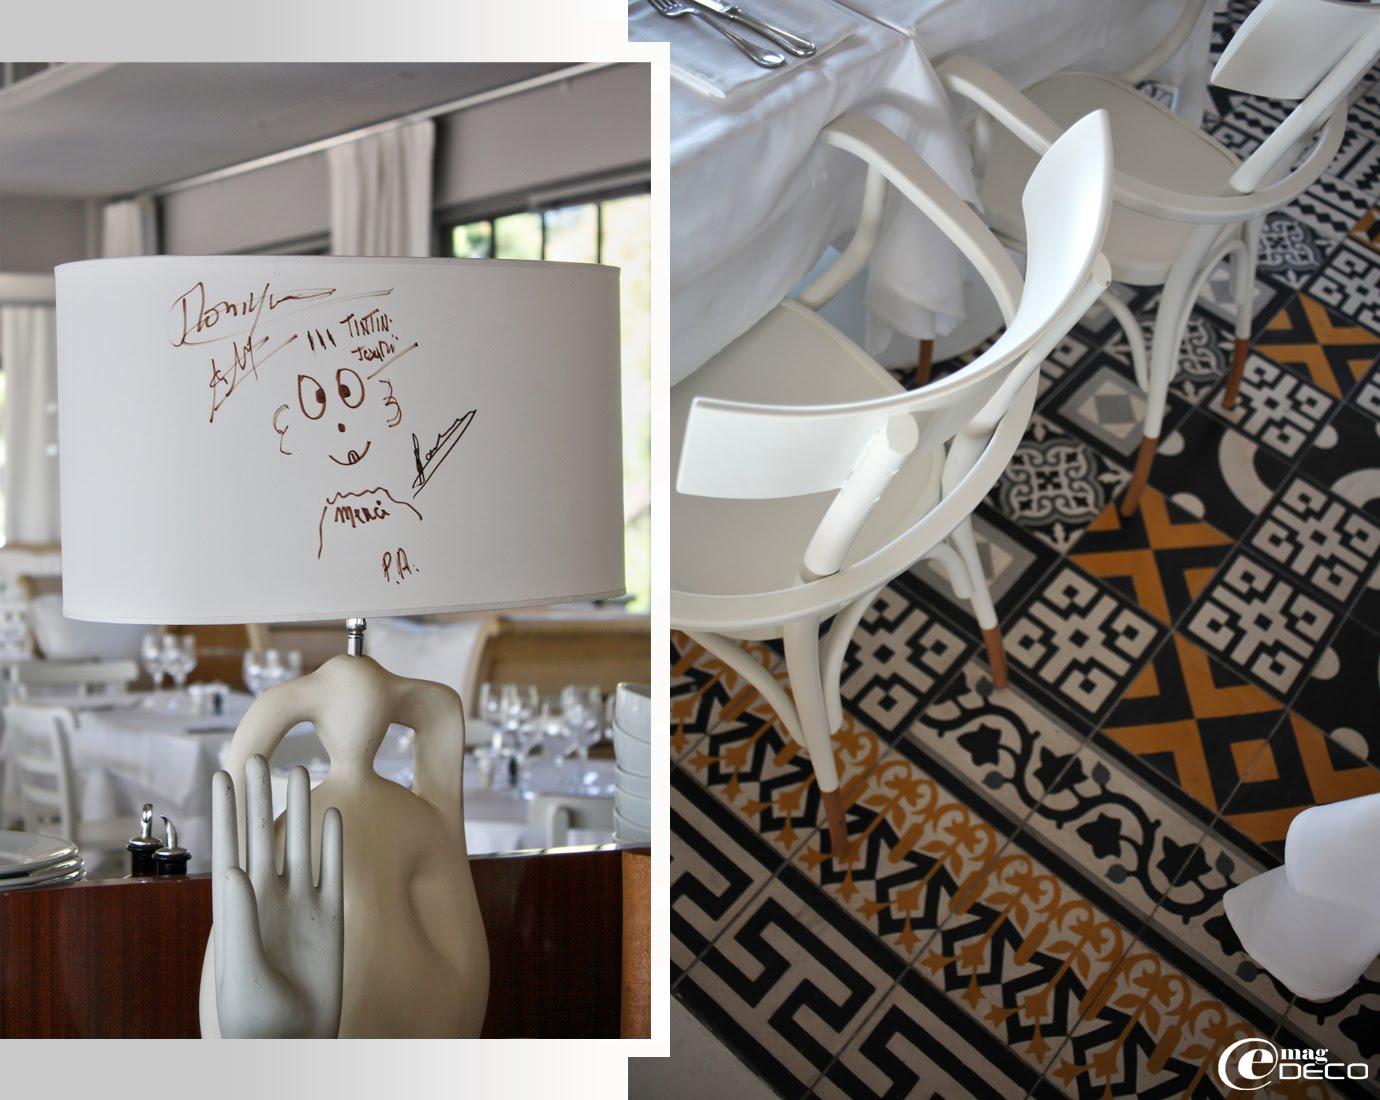 Détail de décoration du restaurant La Co(o)rniche réaménagé par Philippe Stark